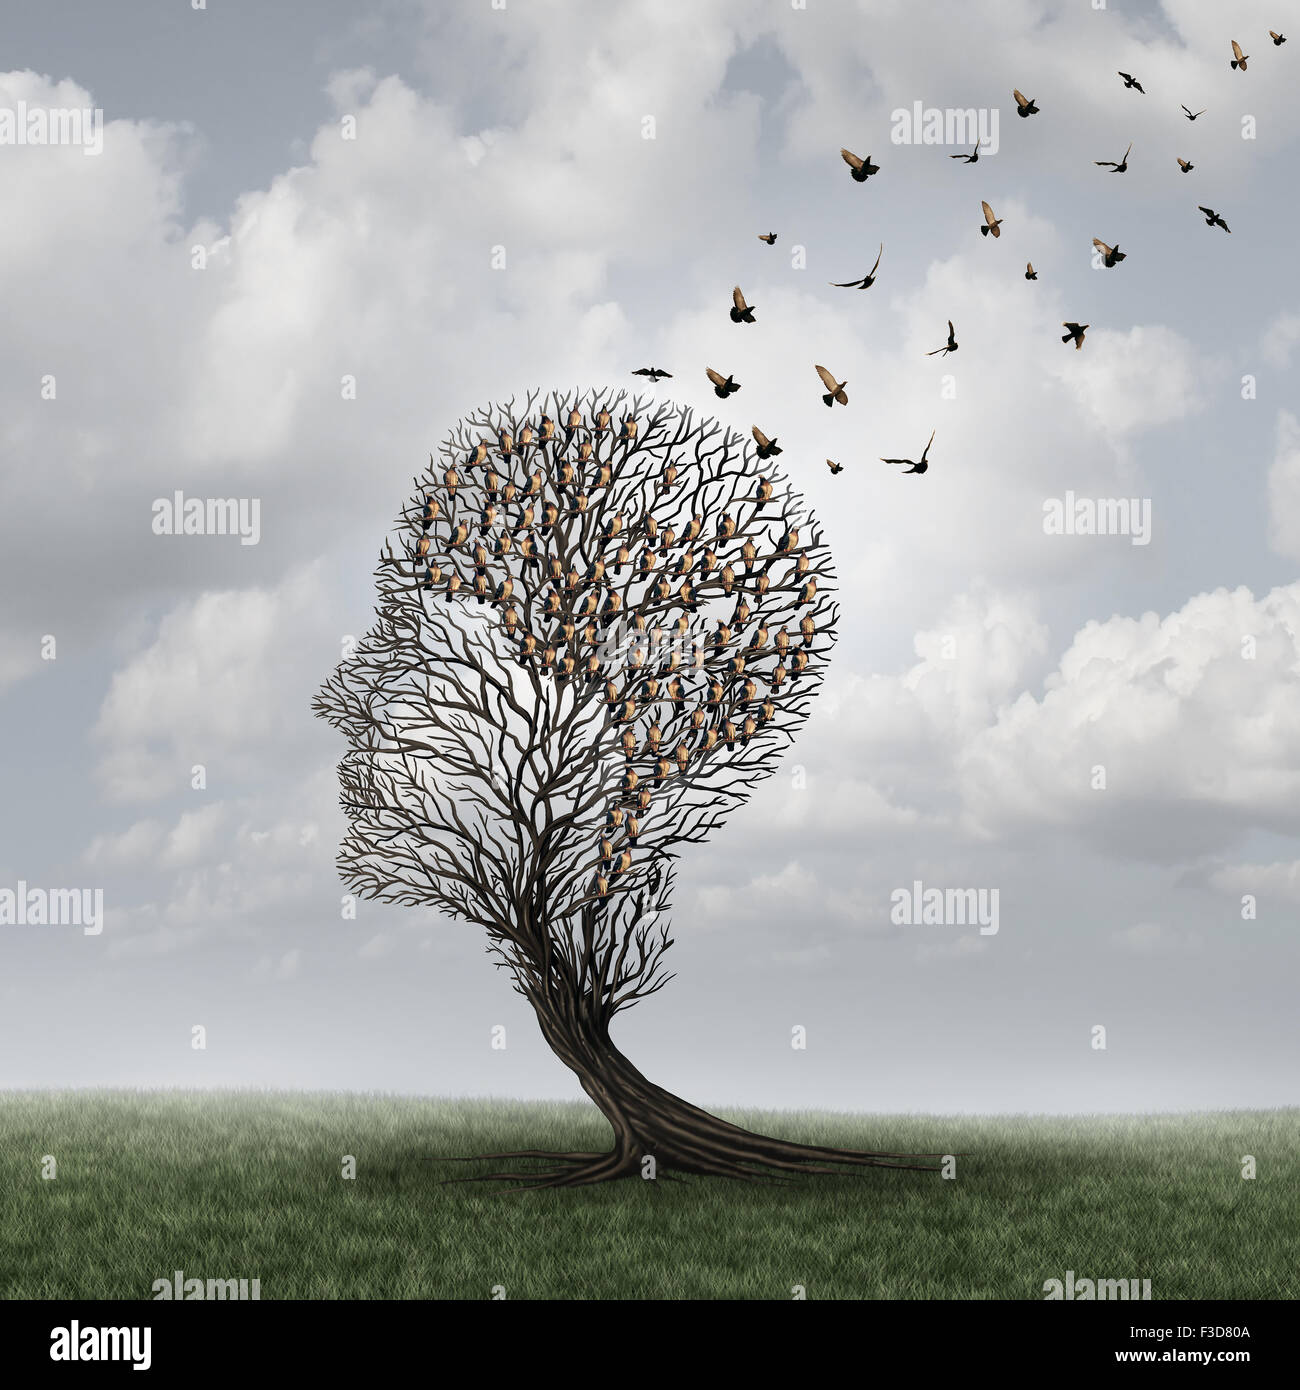 Concepto de pérdida de memoria y paciente con Alzheimer surrealista símbolo como un concepto de cuidados Imagen De Stock